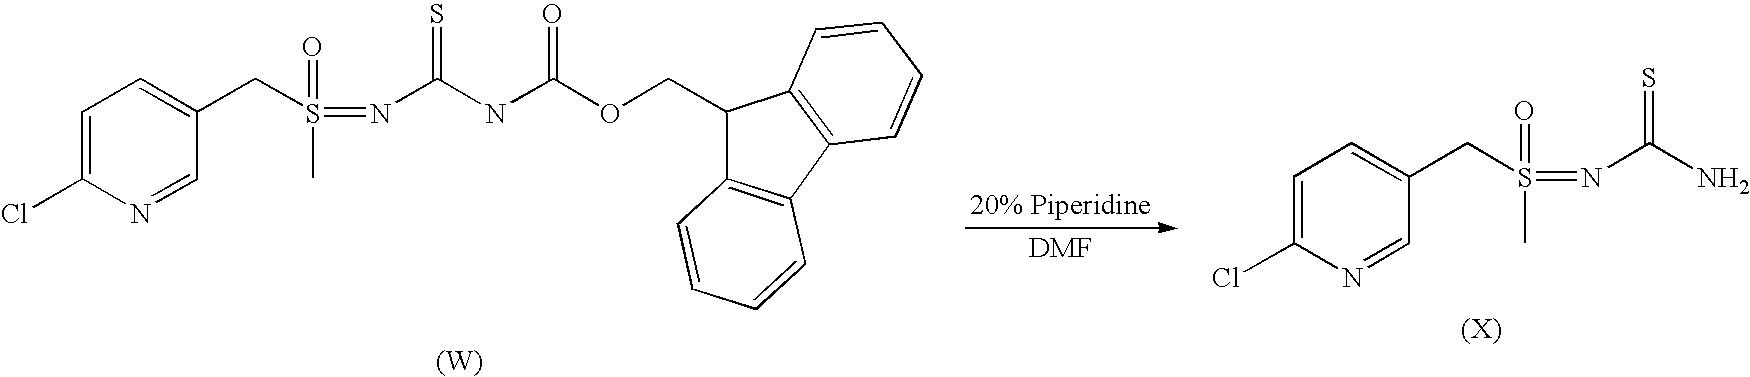 Figure US20090029863A1-20090129-C00081